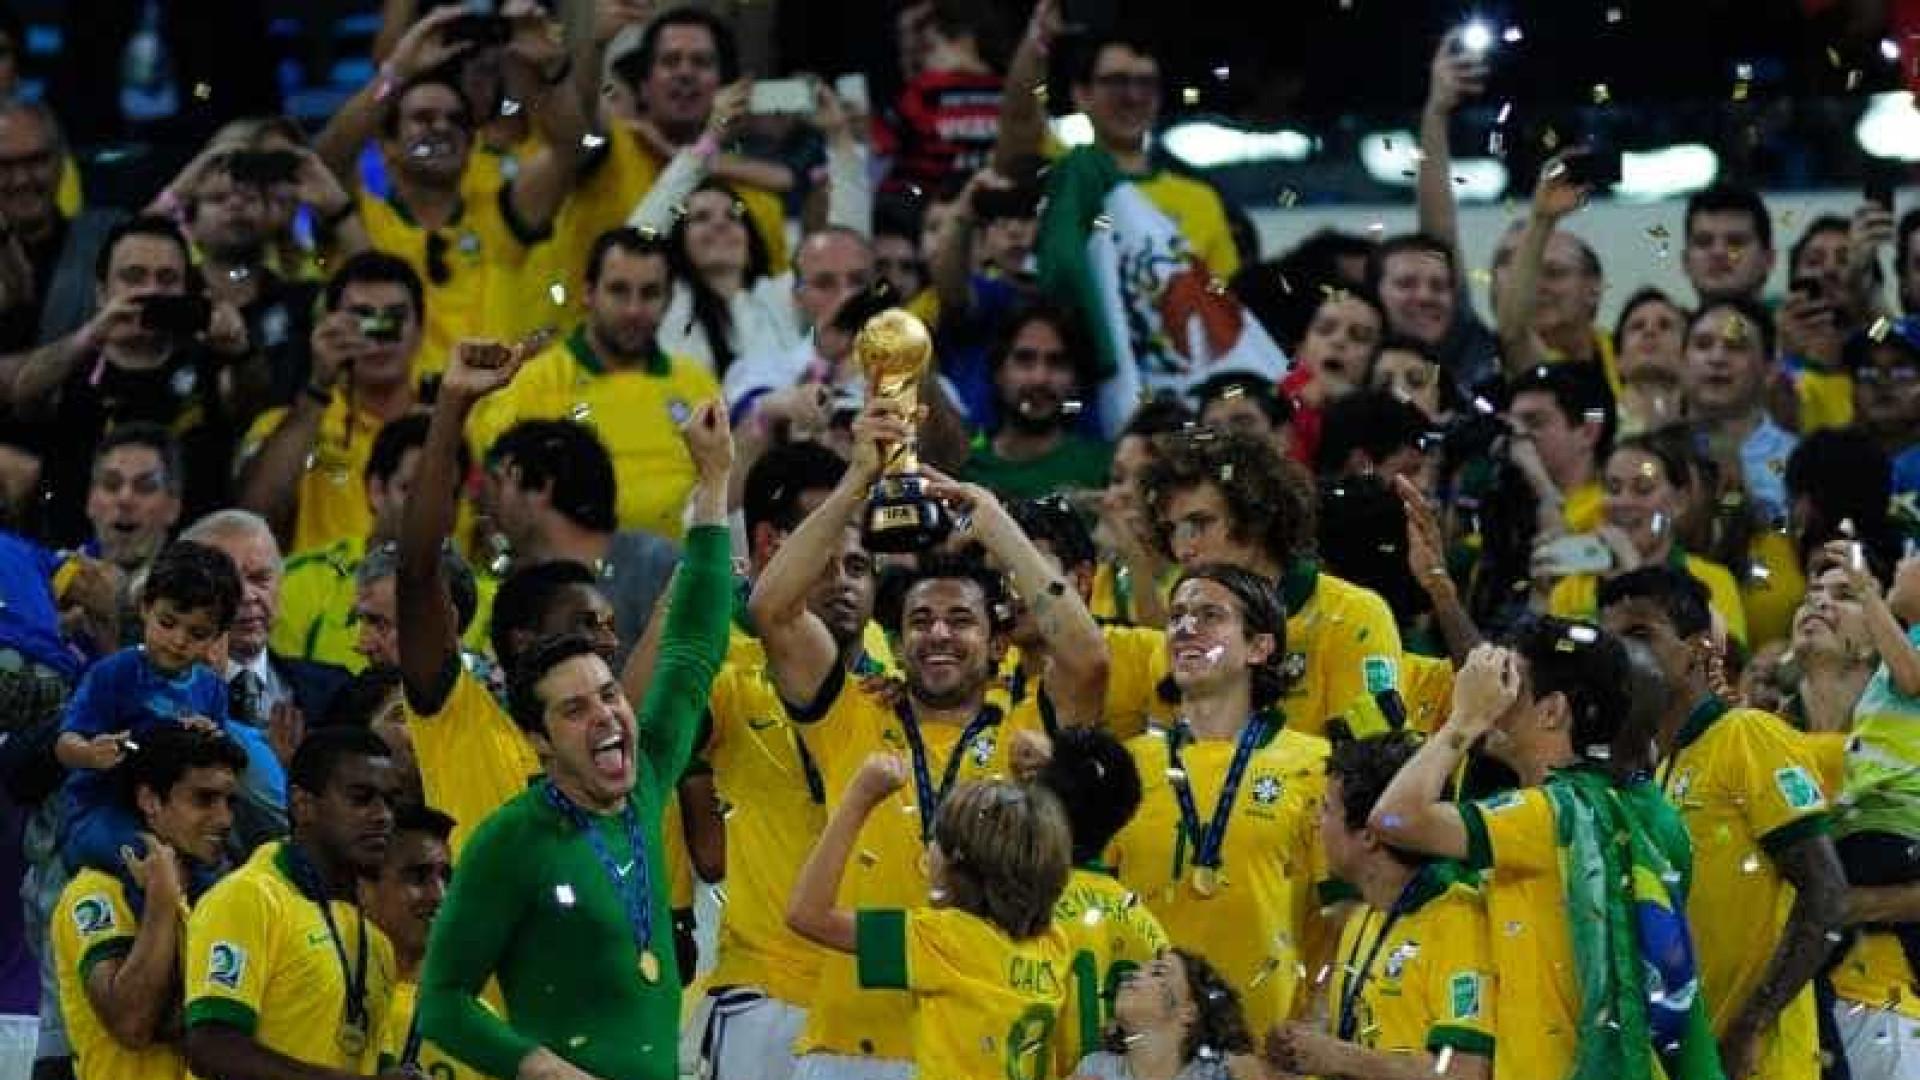 Dispensa em dia de jogo do Brasil depende do patrão